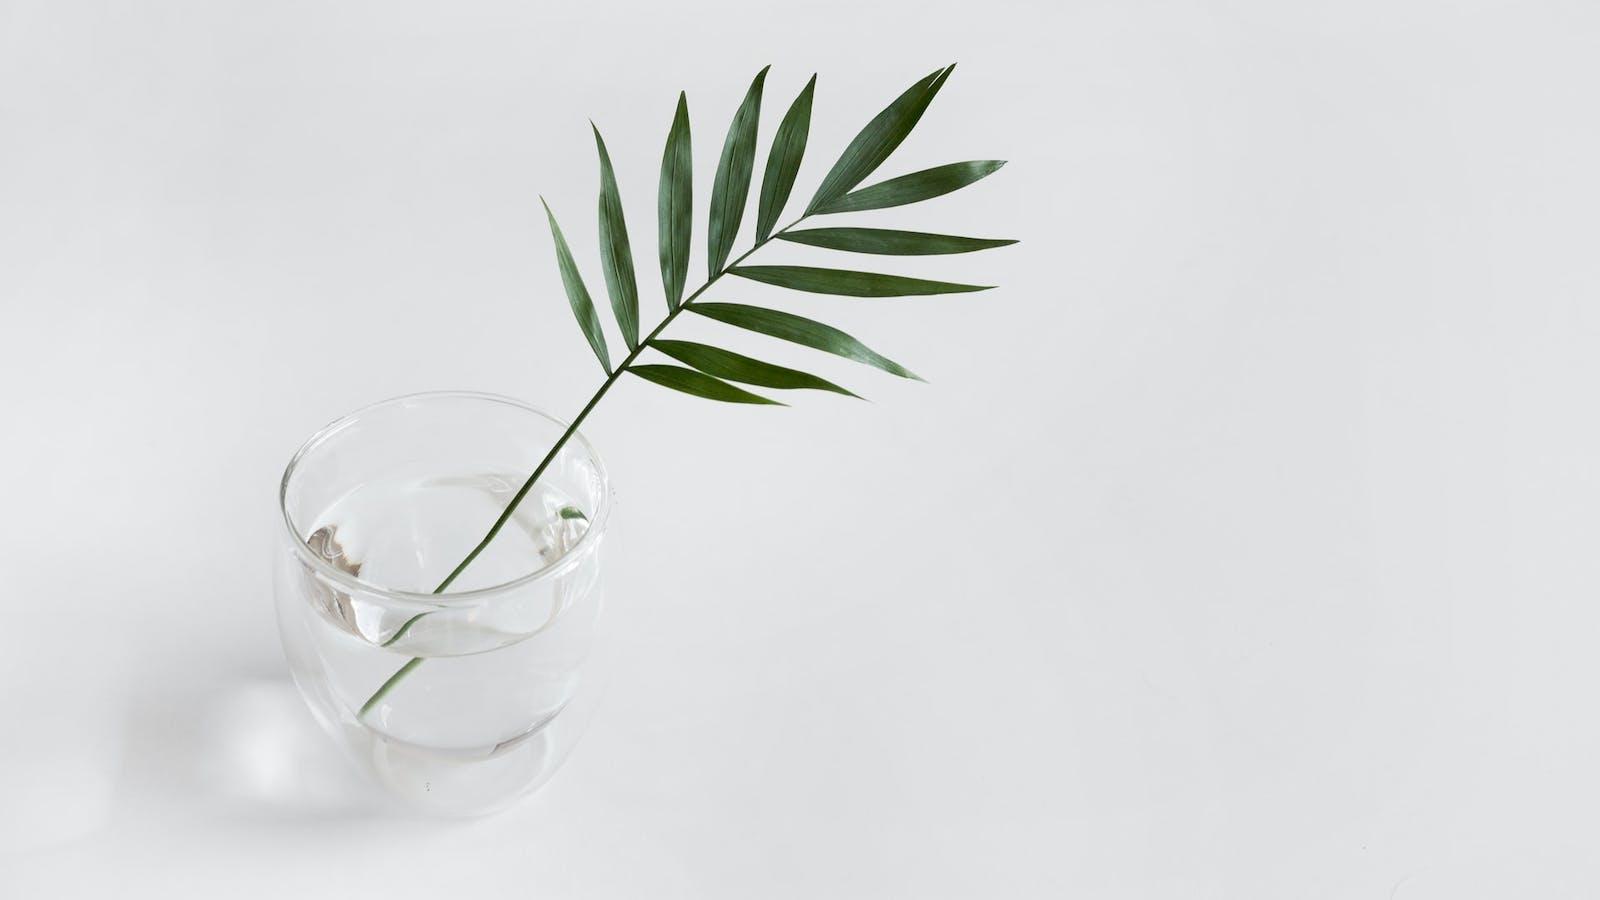 Tige d'une plante verte dans un vase transparent